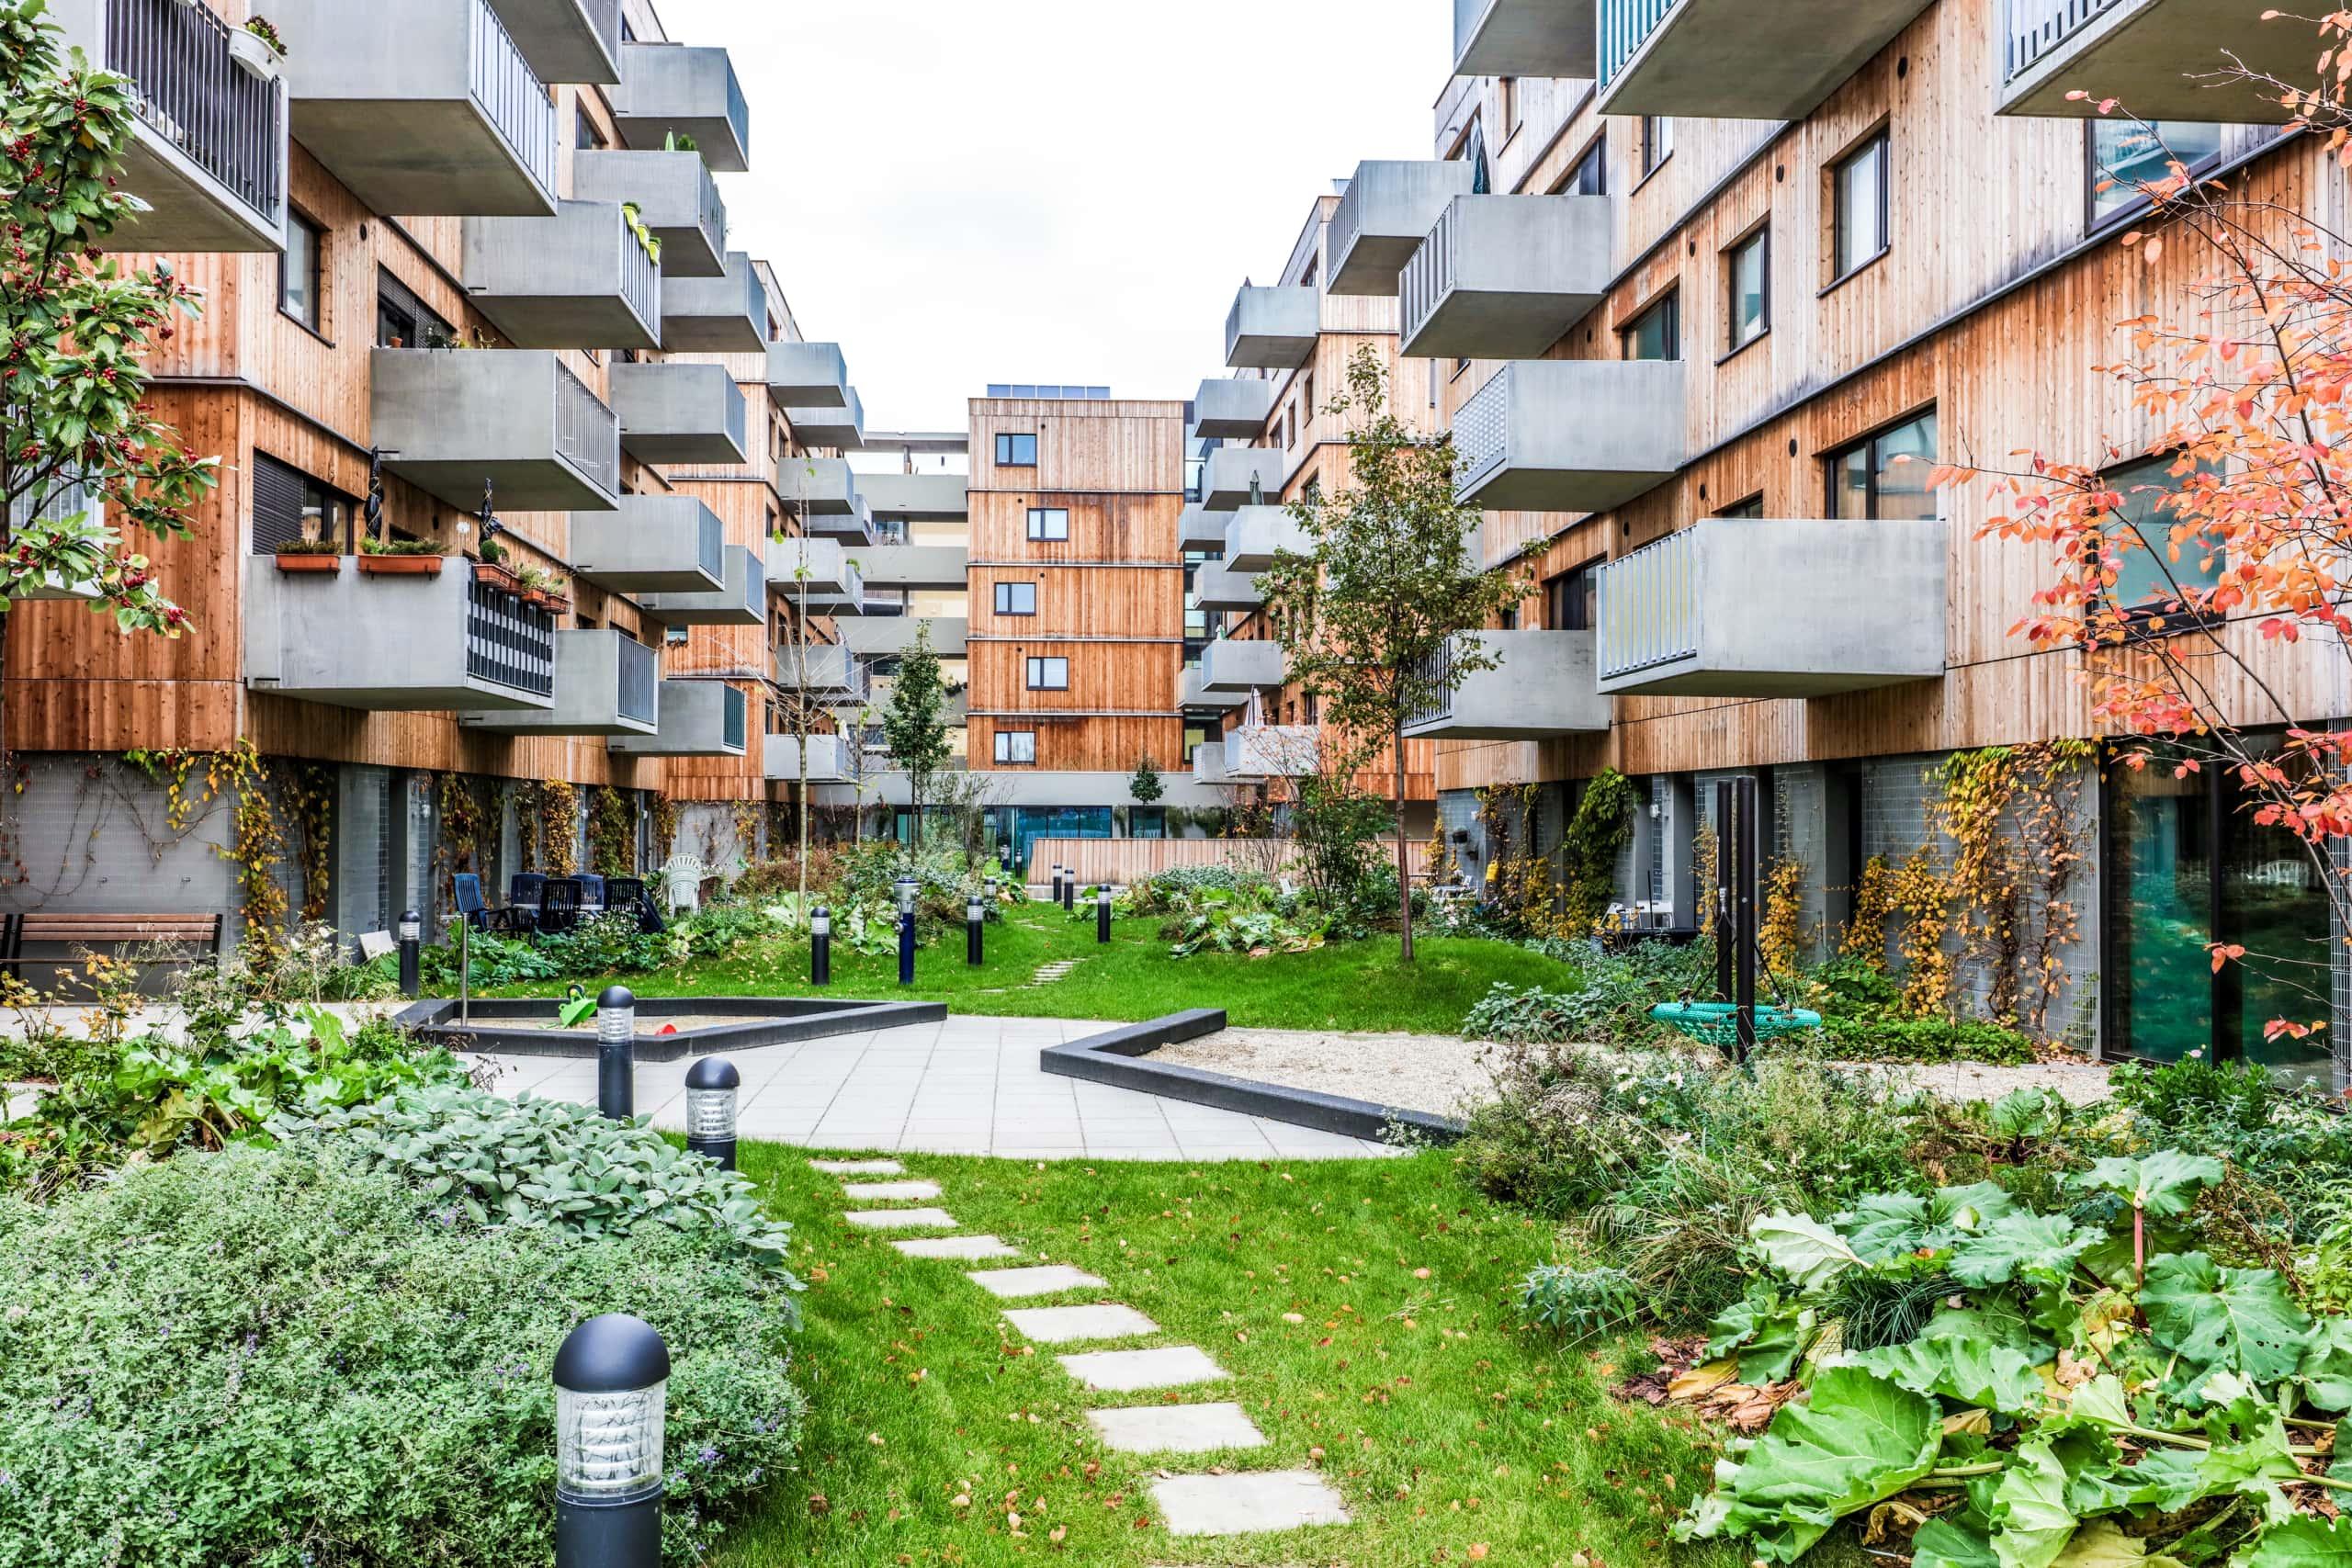 Moderne Wohnhausanlage in der Seestadt-Aspern.